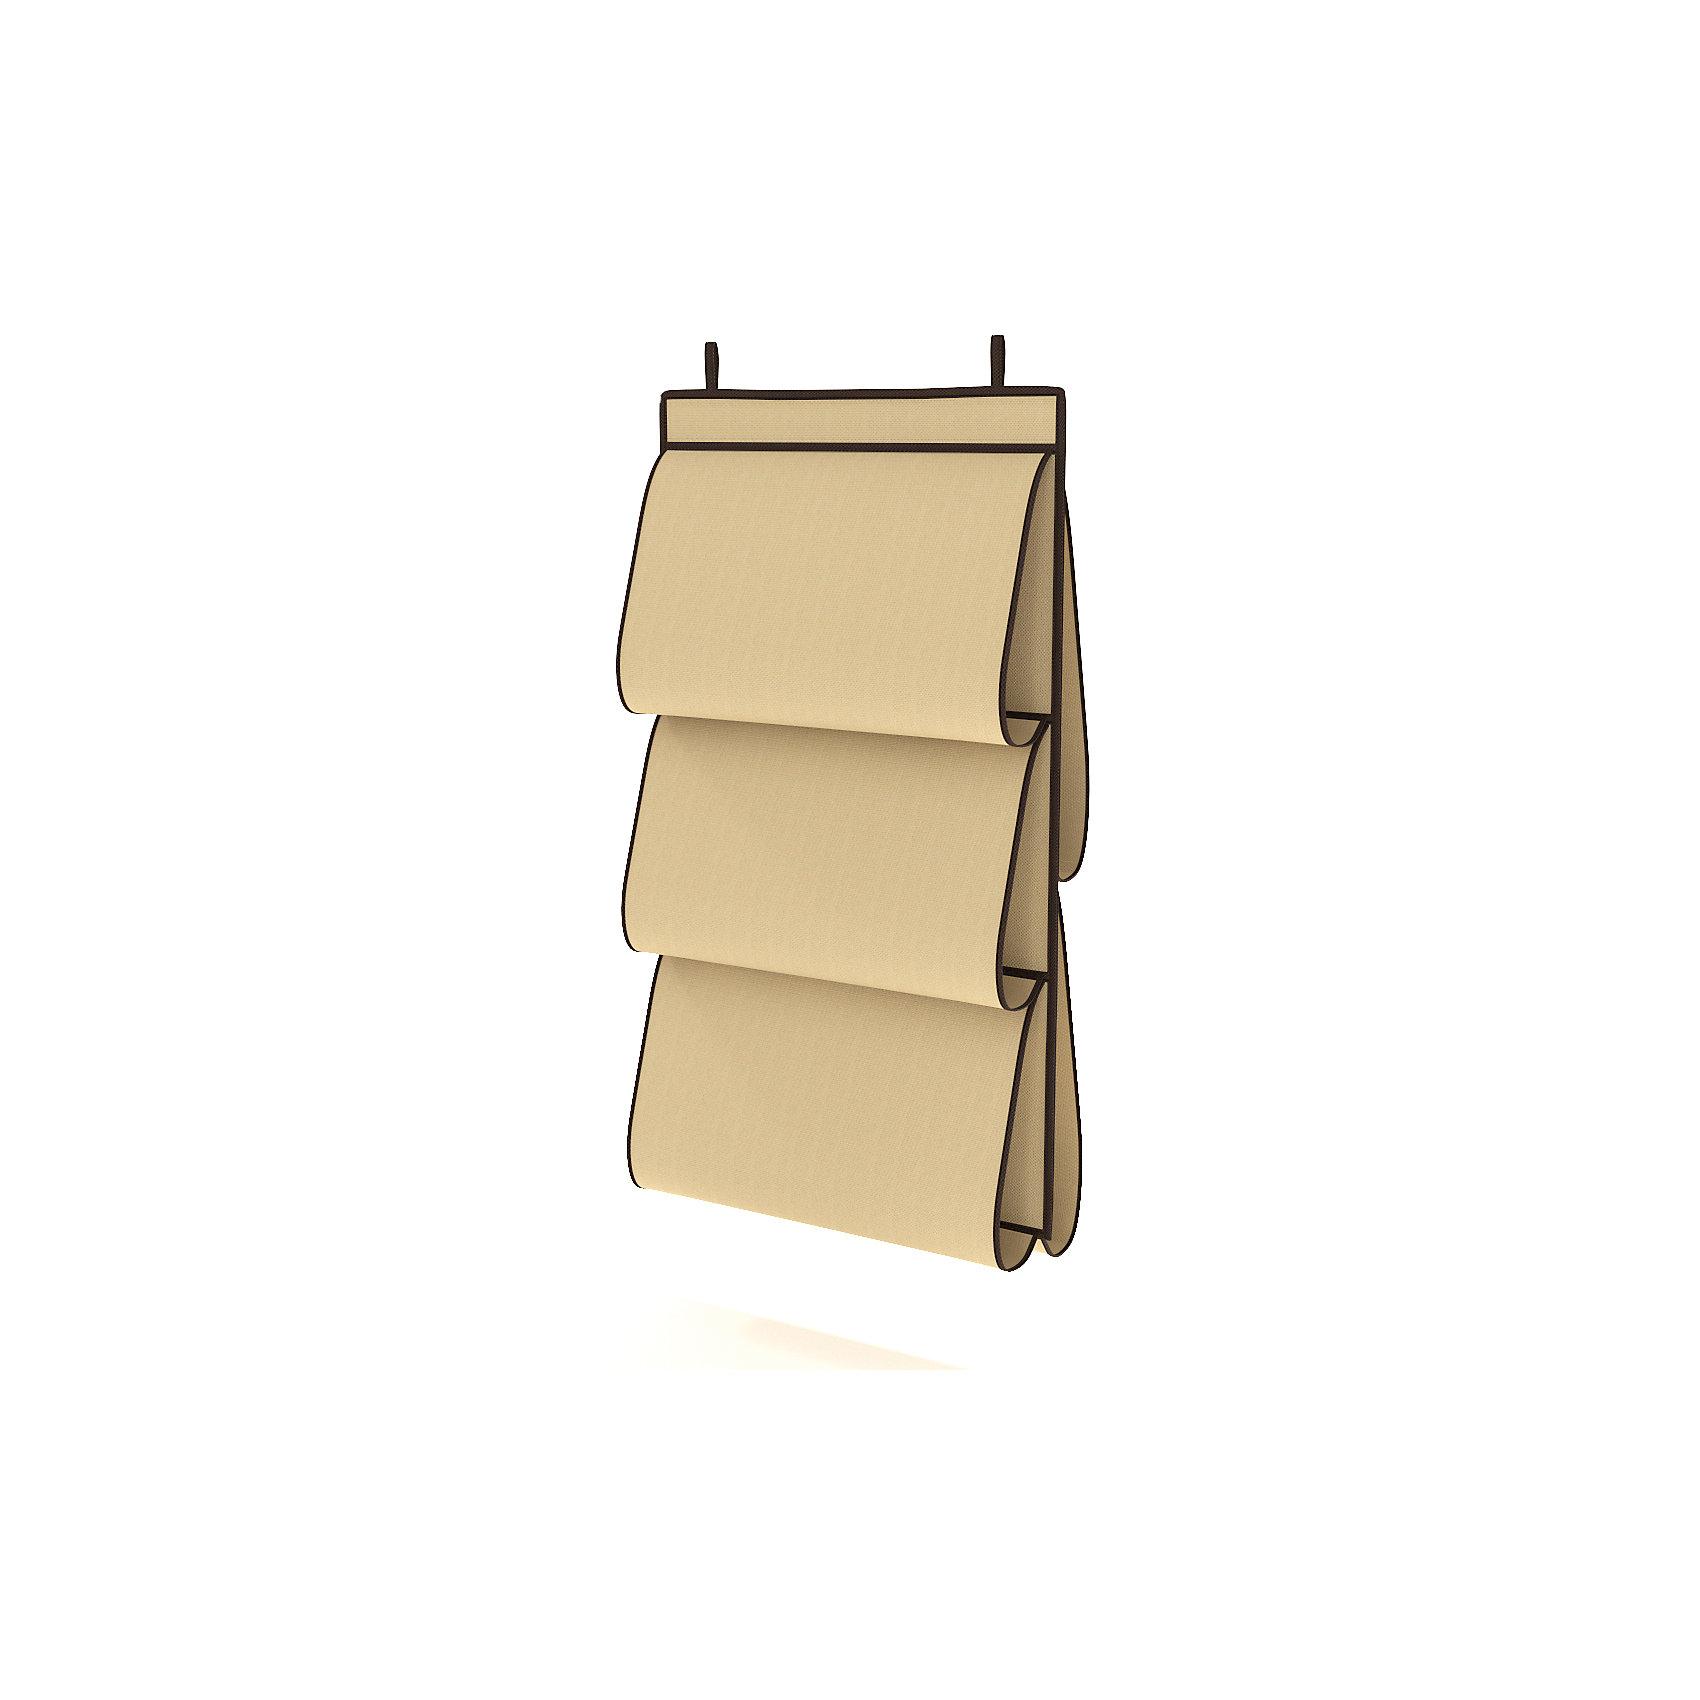 Органайзер для сумок в шкаф, HomsuПорядок в детской<br>Характеристики товара:<br><br>• цвет: бежевый<br>• материал: полиэстер<br>• размер: 70х40х2 см.<br>• вес: 300 гр.<br>• застежка: молния<br>• крепление: крючок<br>• ручка для переноски<br>• вместимость: 5 отделений<br>• страна бренда: Россия<br>• страна изготовитель: Китай<br><br>Органайзер для сумок в шкаф, Homsu (Хомсу) - очень удобная вещь для хранения вещей и эргономичной организации пространства.<br><br>Он состоит из пяти отделений, легко крепится на стену, дверь или внутрь шкафов.<br><br>Органайзер для сумок в шкаф, Homsu можно купить в нашем интернет-магазине.<br><br>Ширина мм: 150<br>Глубина мм: 400<br>Высота мм: 20<br>Вес г: 300<br>Возраст от месяцев: 216<br>Возраст до месяцев: 1188<br>Пол: Унисекс<br>Возраст: Детский<br>SKU: 5620100